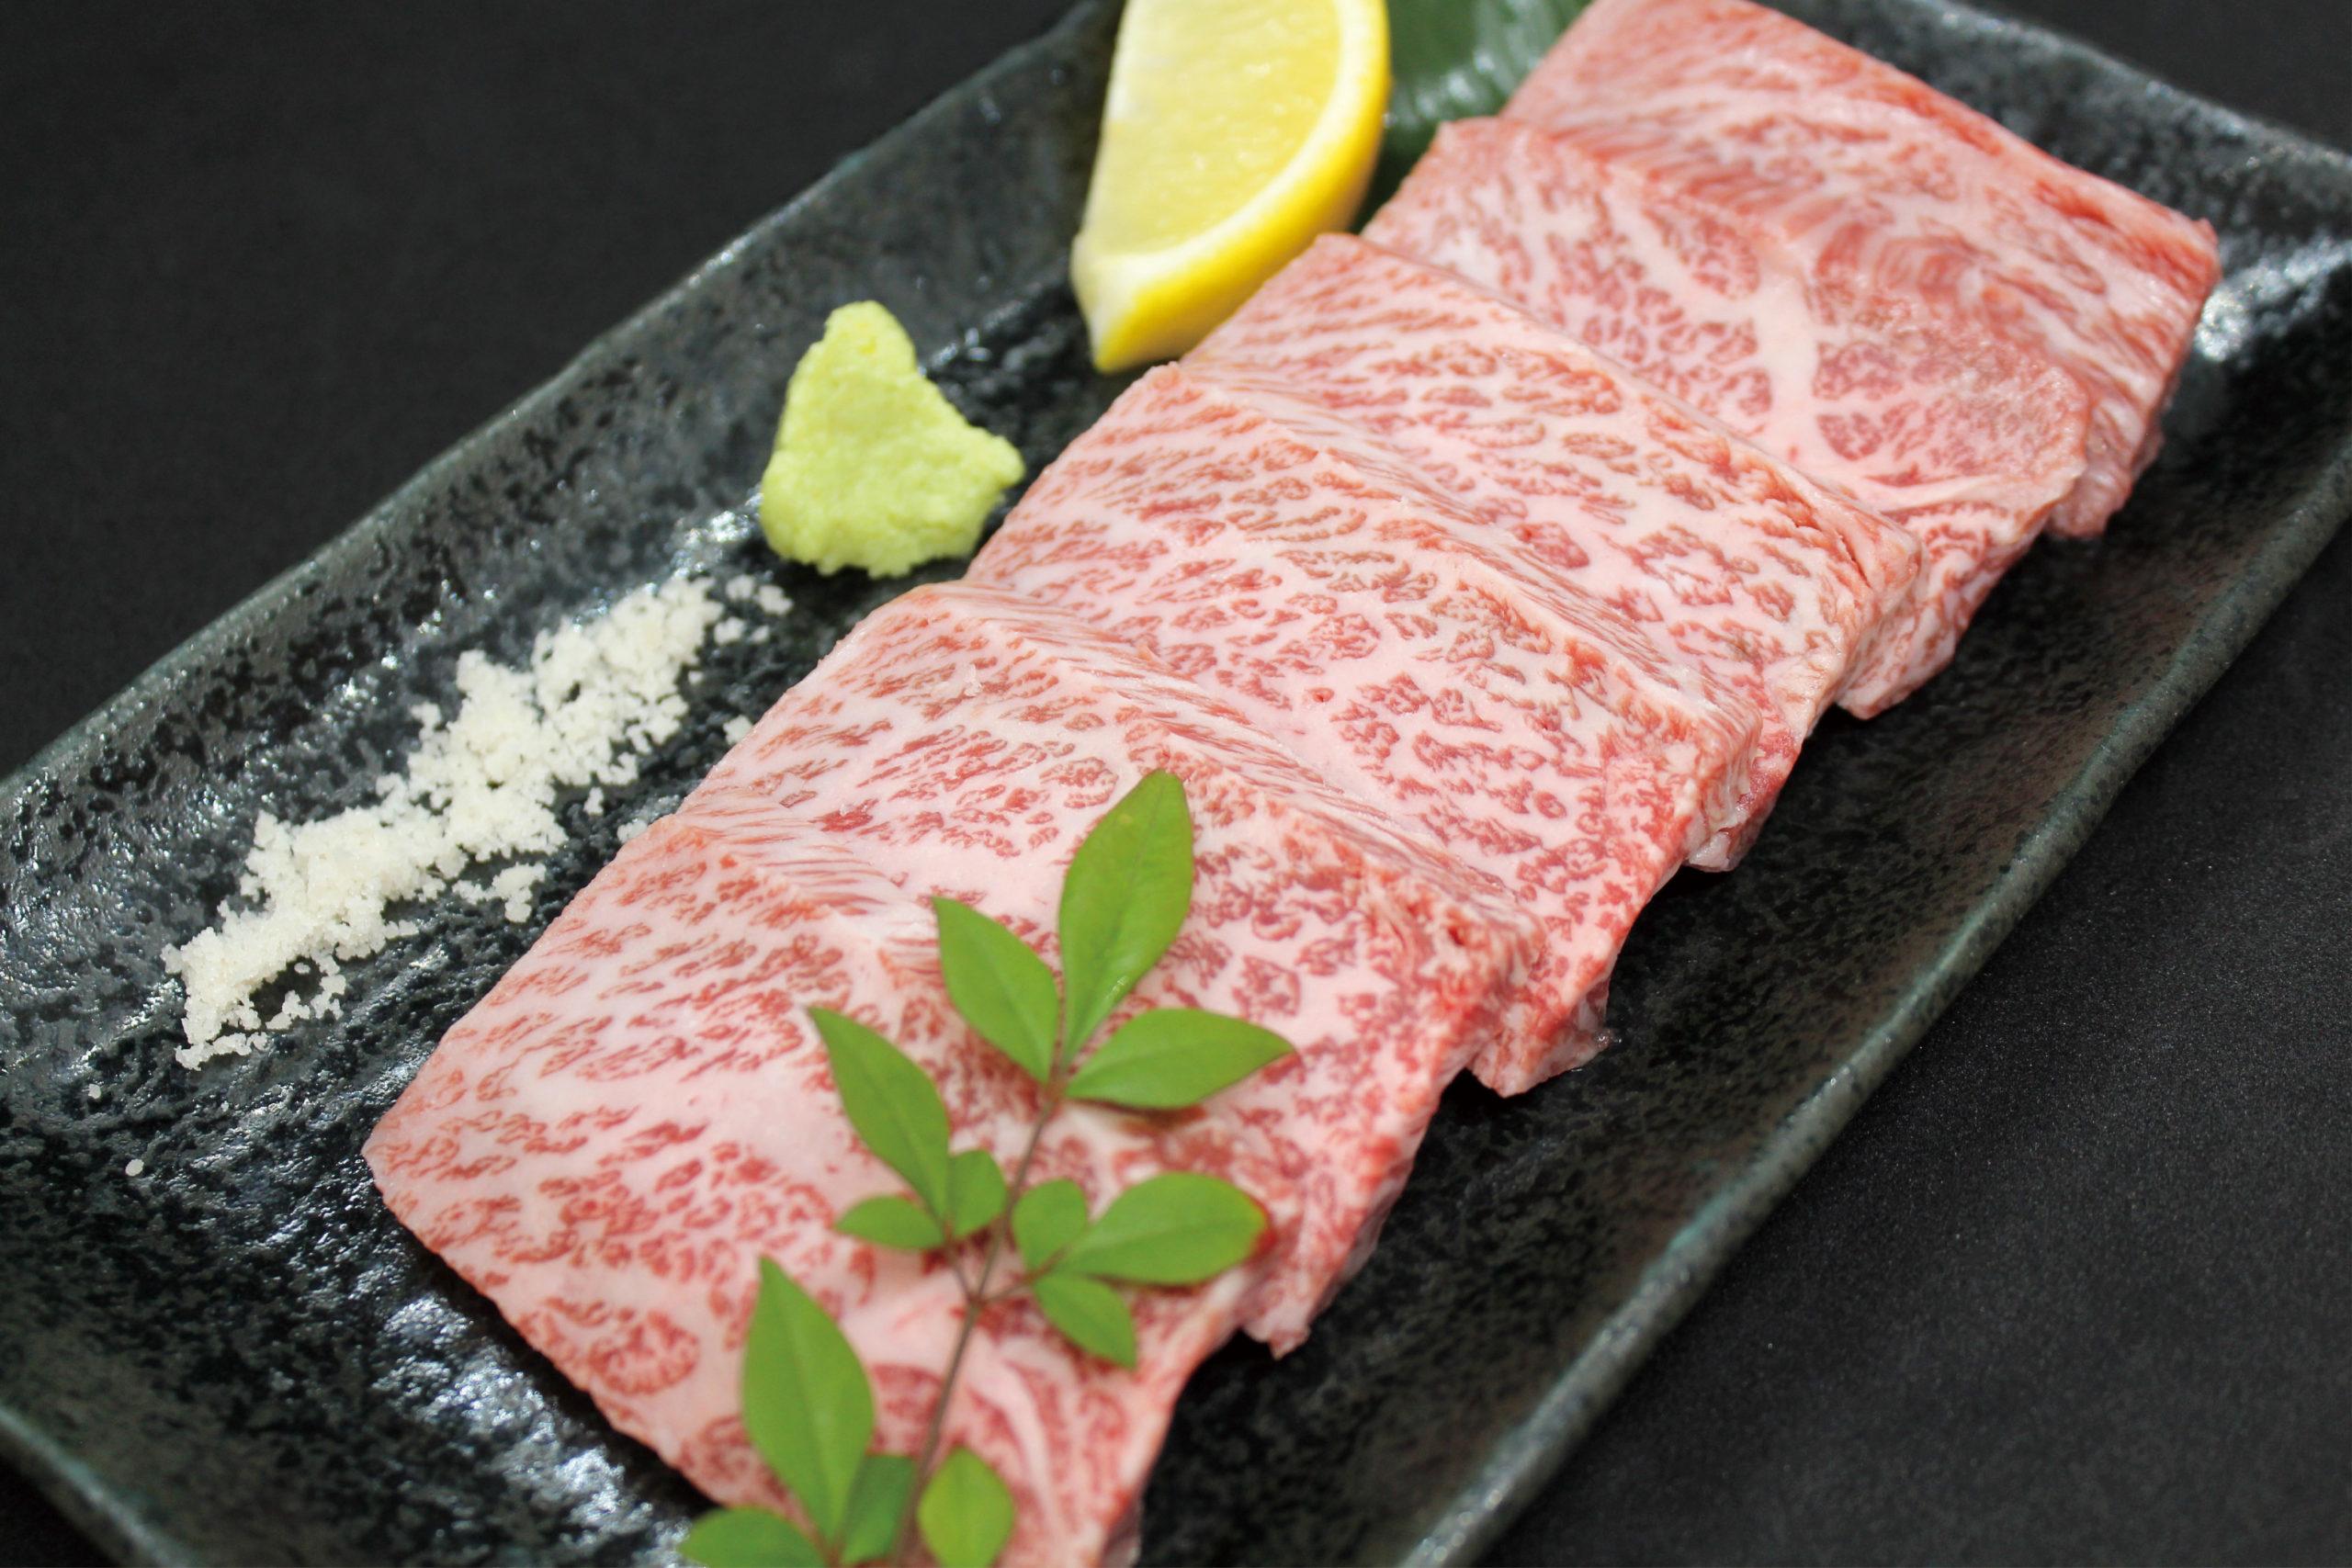 熊本県産黒毛和牛特上弁当